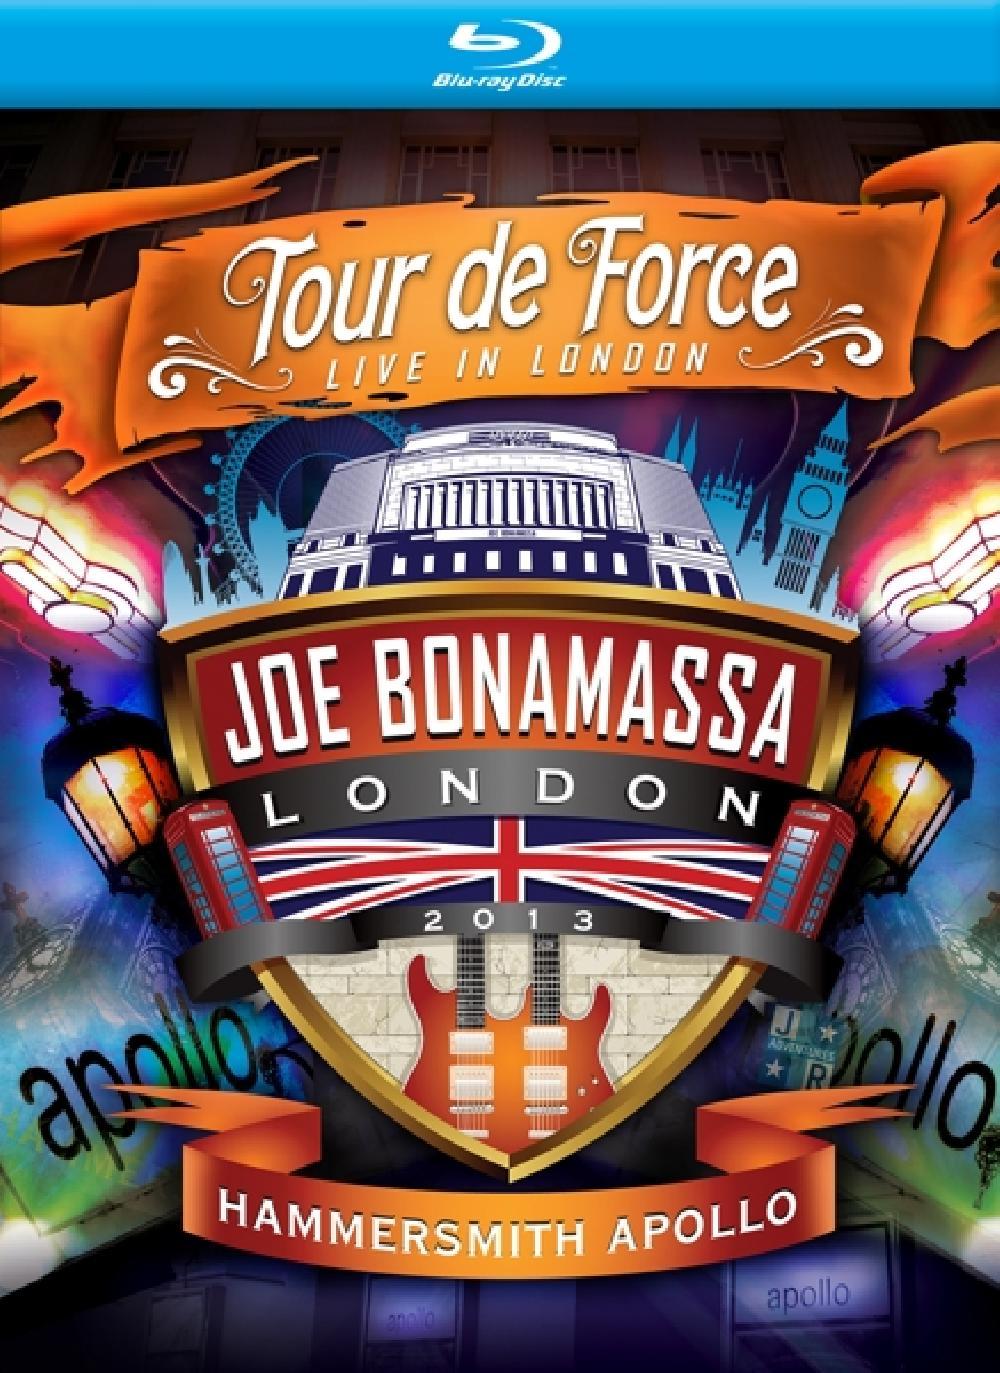 JOE BONAMASSA - TOUR DE FORCE - HAMMERSMI (nieuw) - Blu-ray Disc